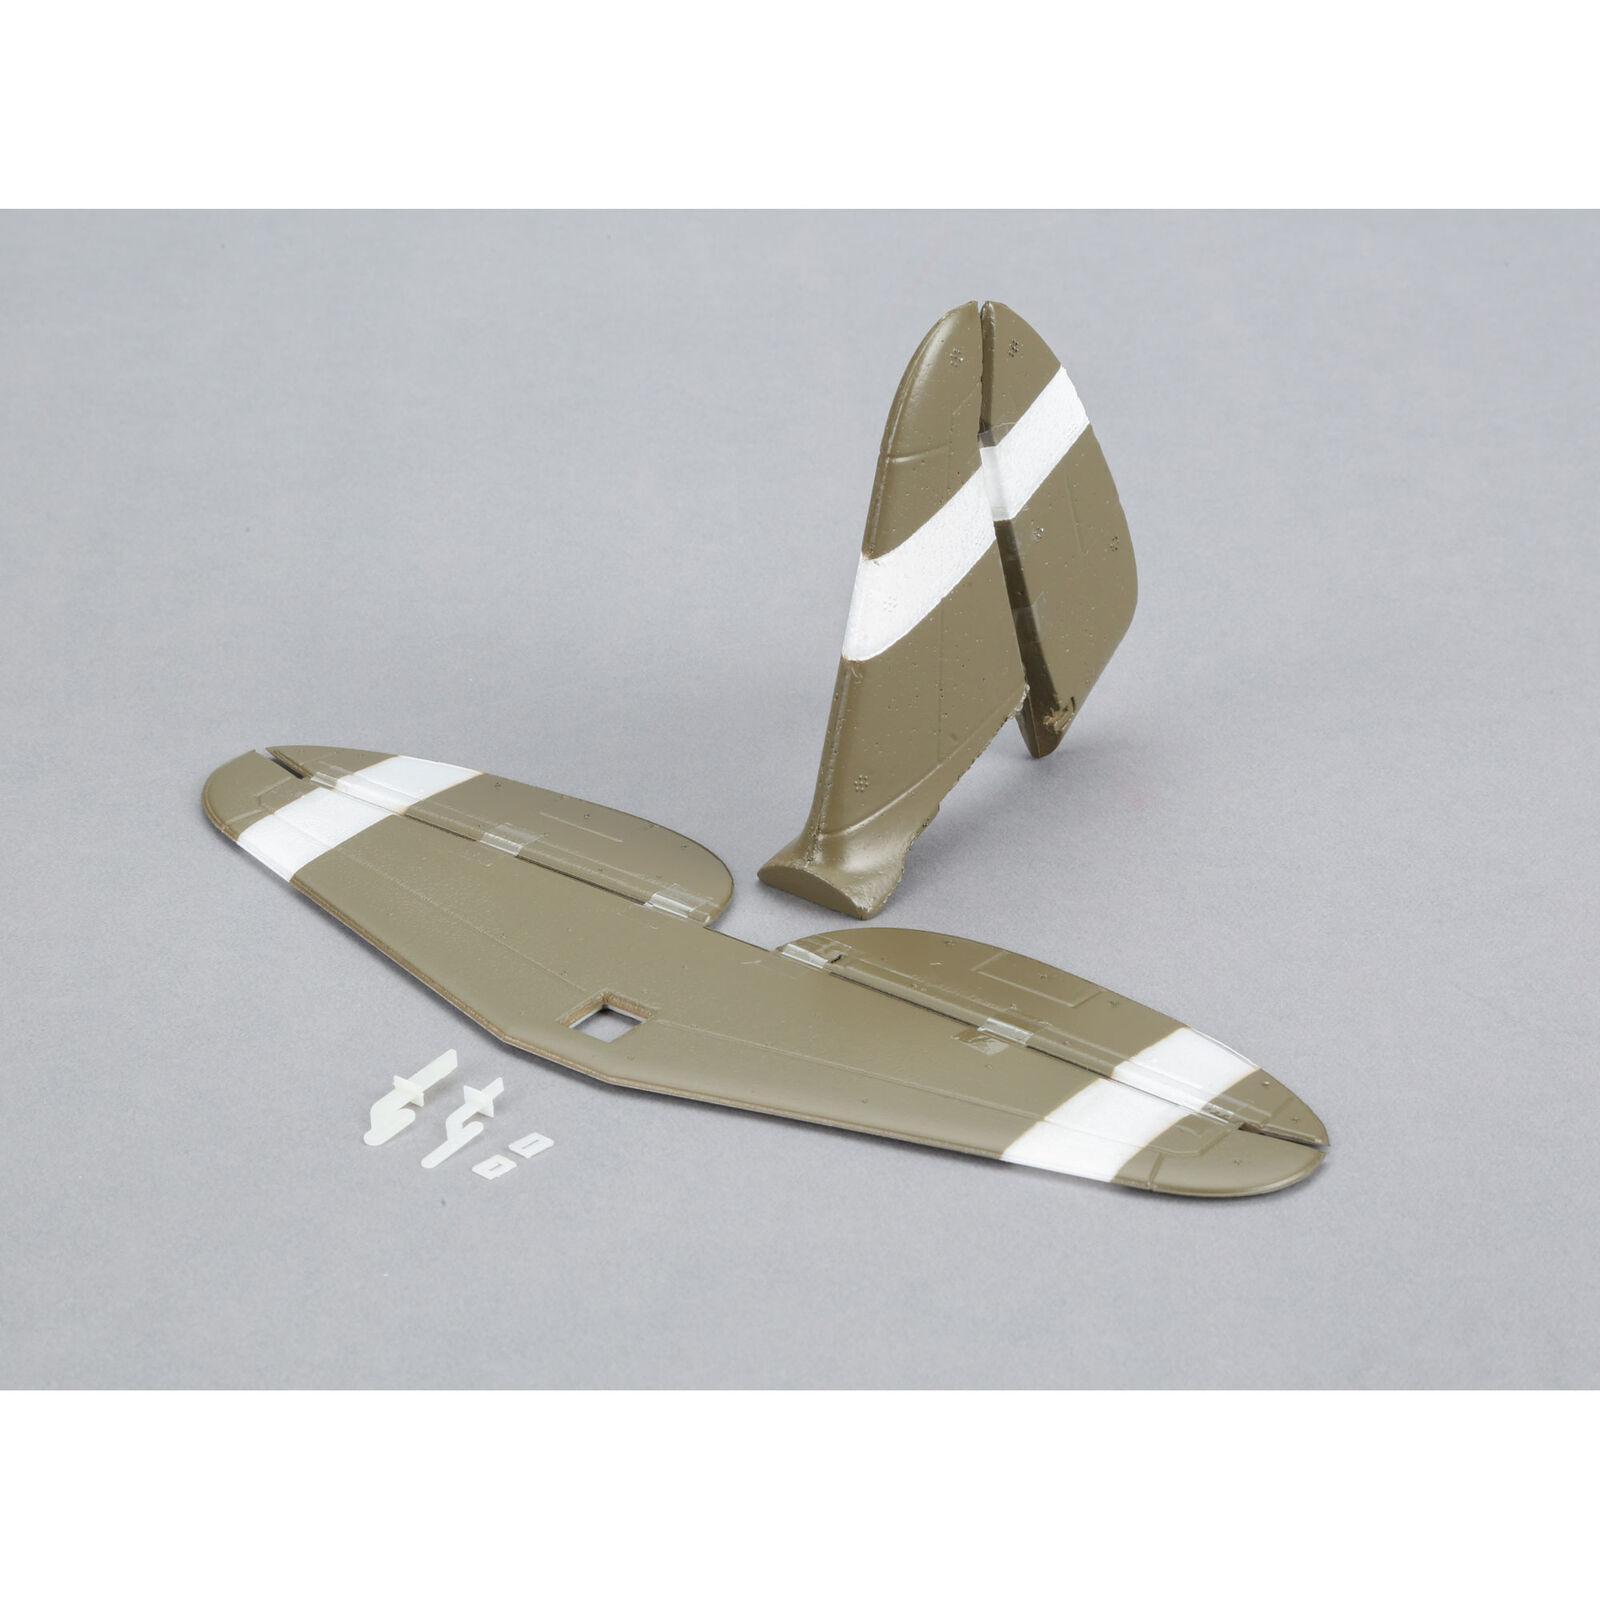 E-flite UMX P-47 BL: piani di coda con accessori